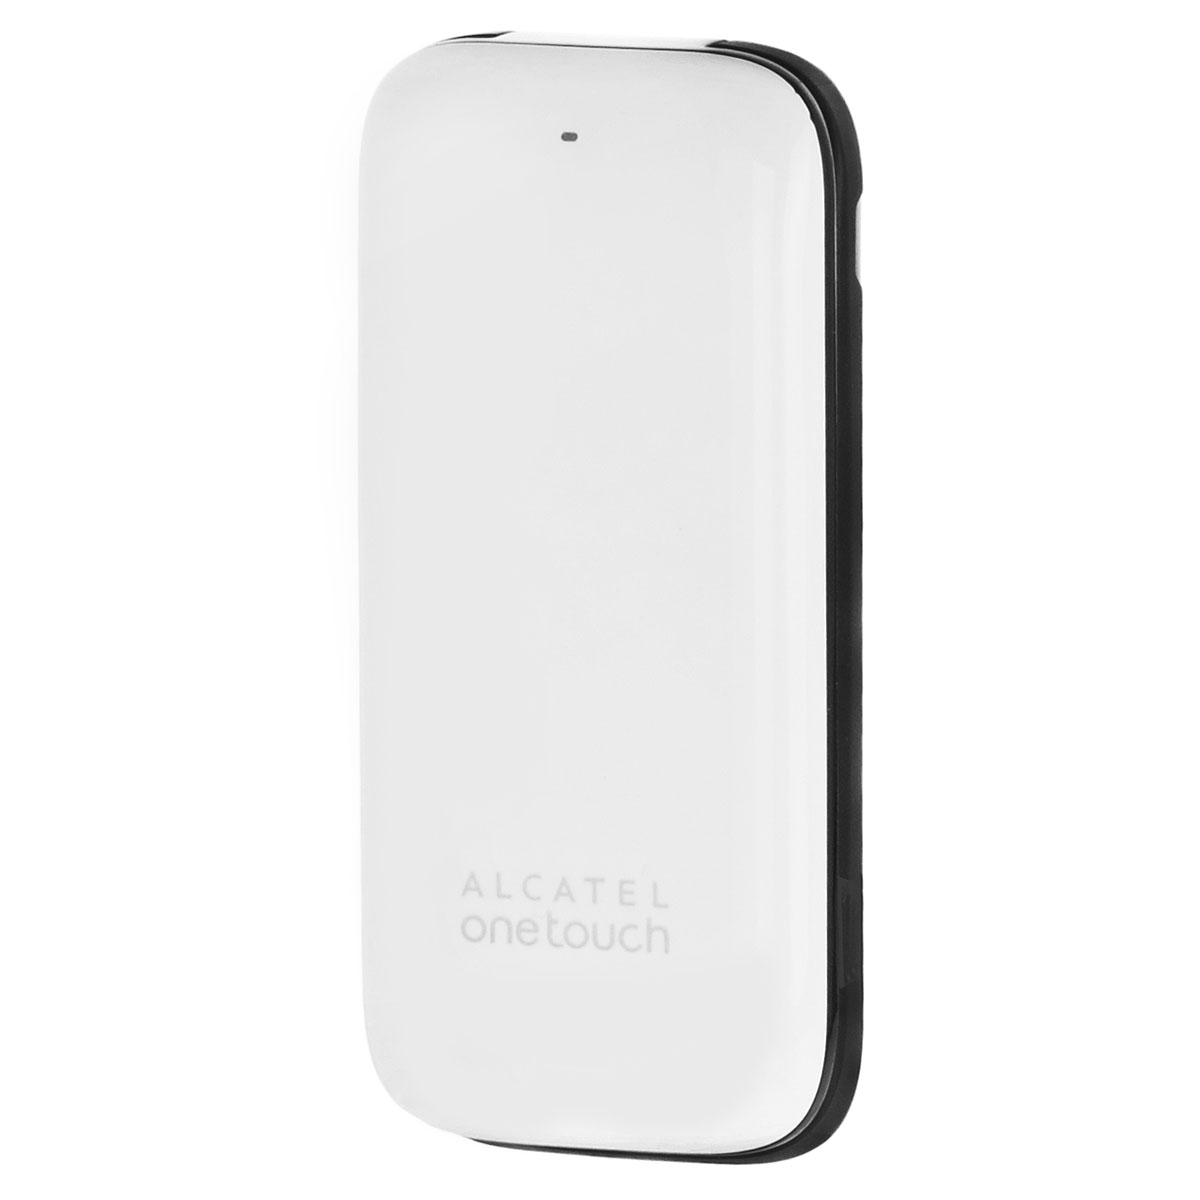 Alcatel OT-1035D Dual Sim, Pure White1035D-2BALRU1-1Мобильный телефон-раскладушка Alcatel OT-1035D с поддержкой 2 SIM-карт. Модель имеет ЖК-экран с диагональю 1.8 и разрешением 128х160 точек. Телефон оснащен встроенным аудиоплеером и FM радиоприемником с функцией RDS.Встроенная память: 32 МБТелефон сертифицирован Ростест и имеет русифицированную клавиатуру, меню и Руководство пользователя.